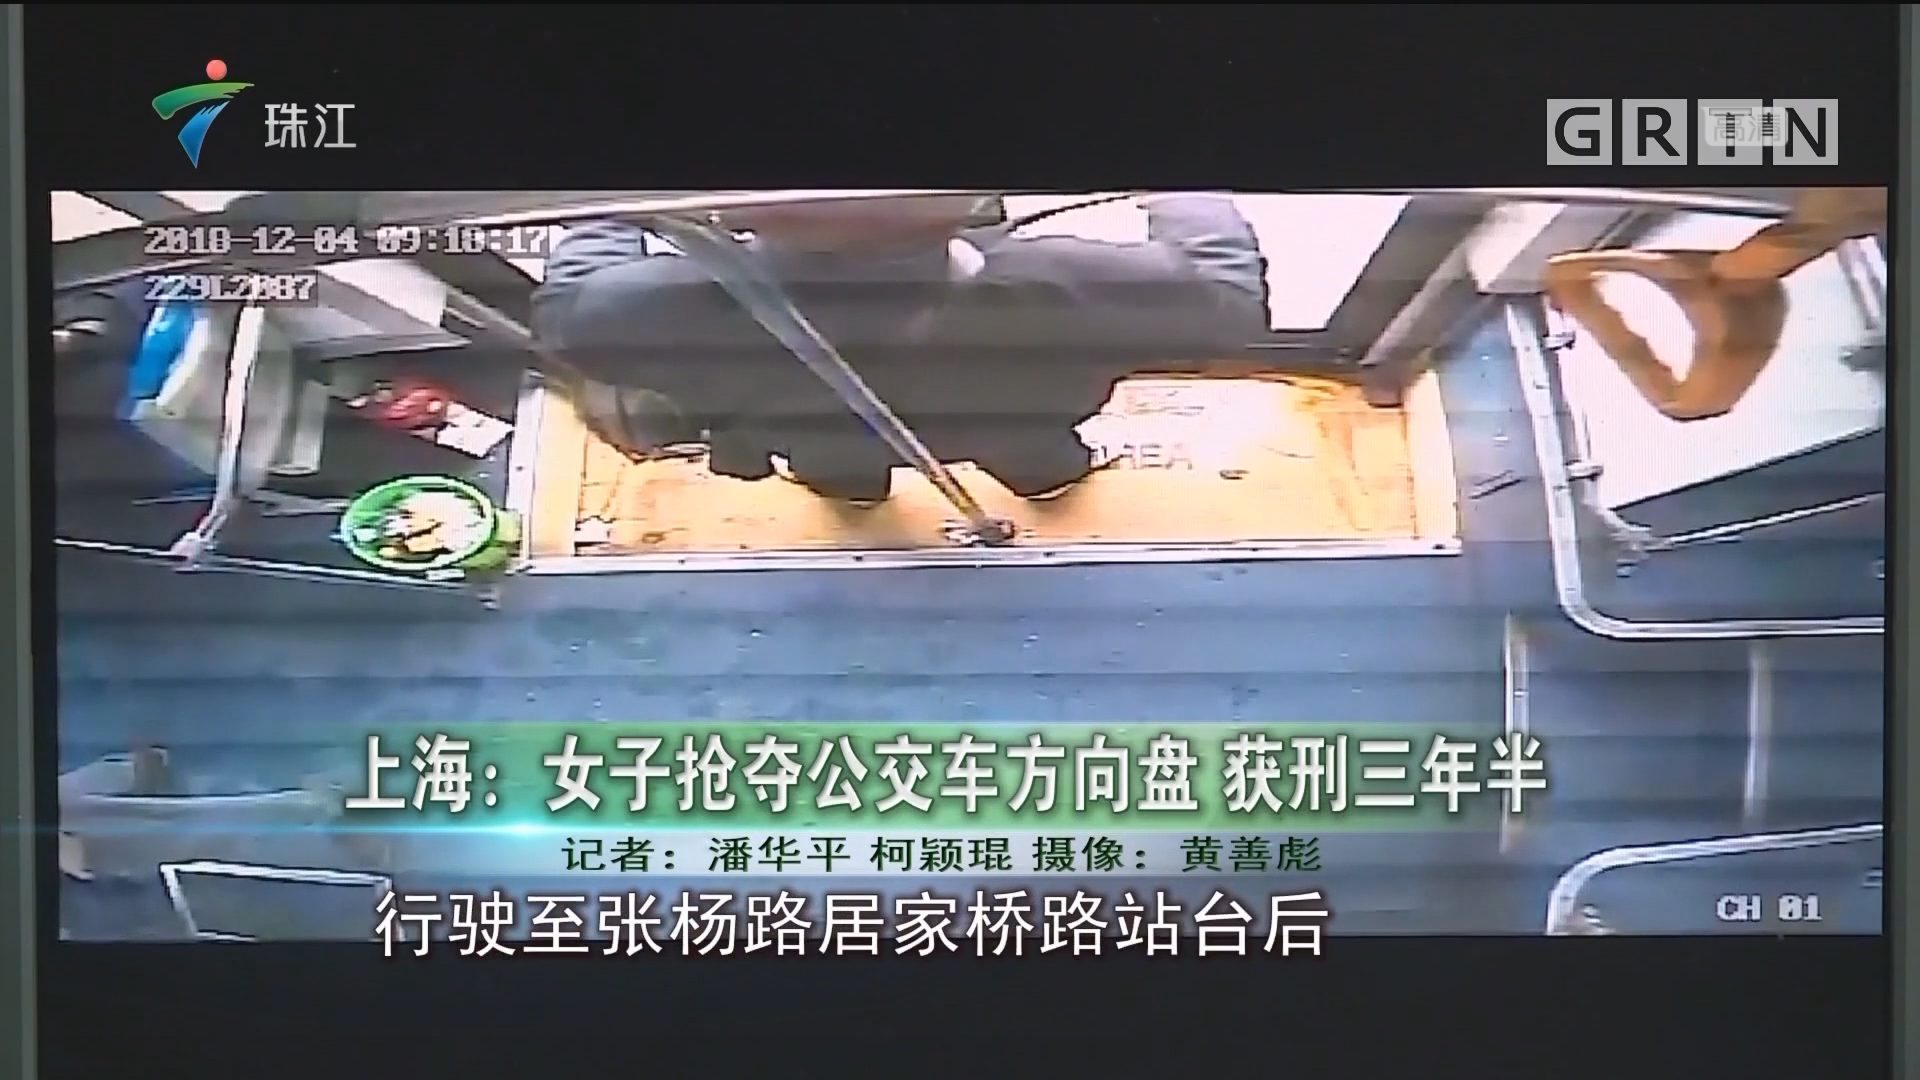 上海:女子抢夺公交车方向盘 获刑三年半